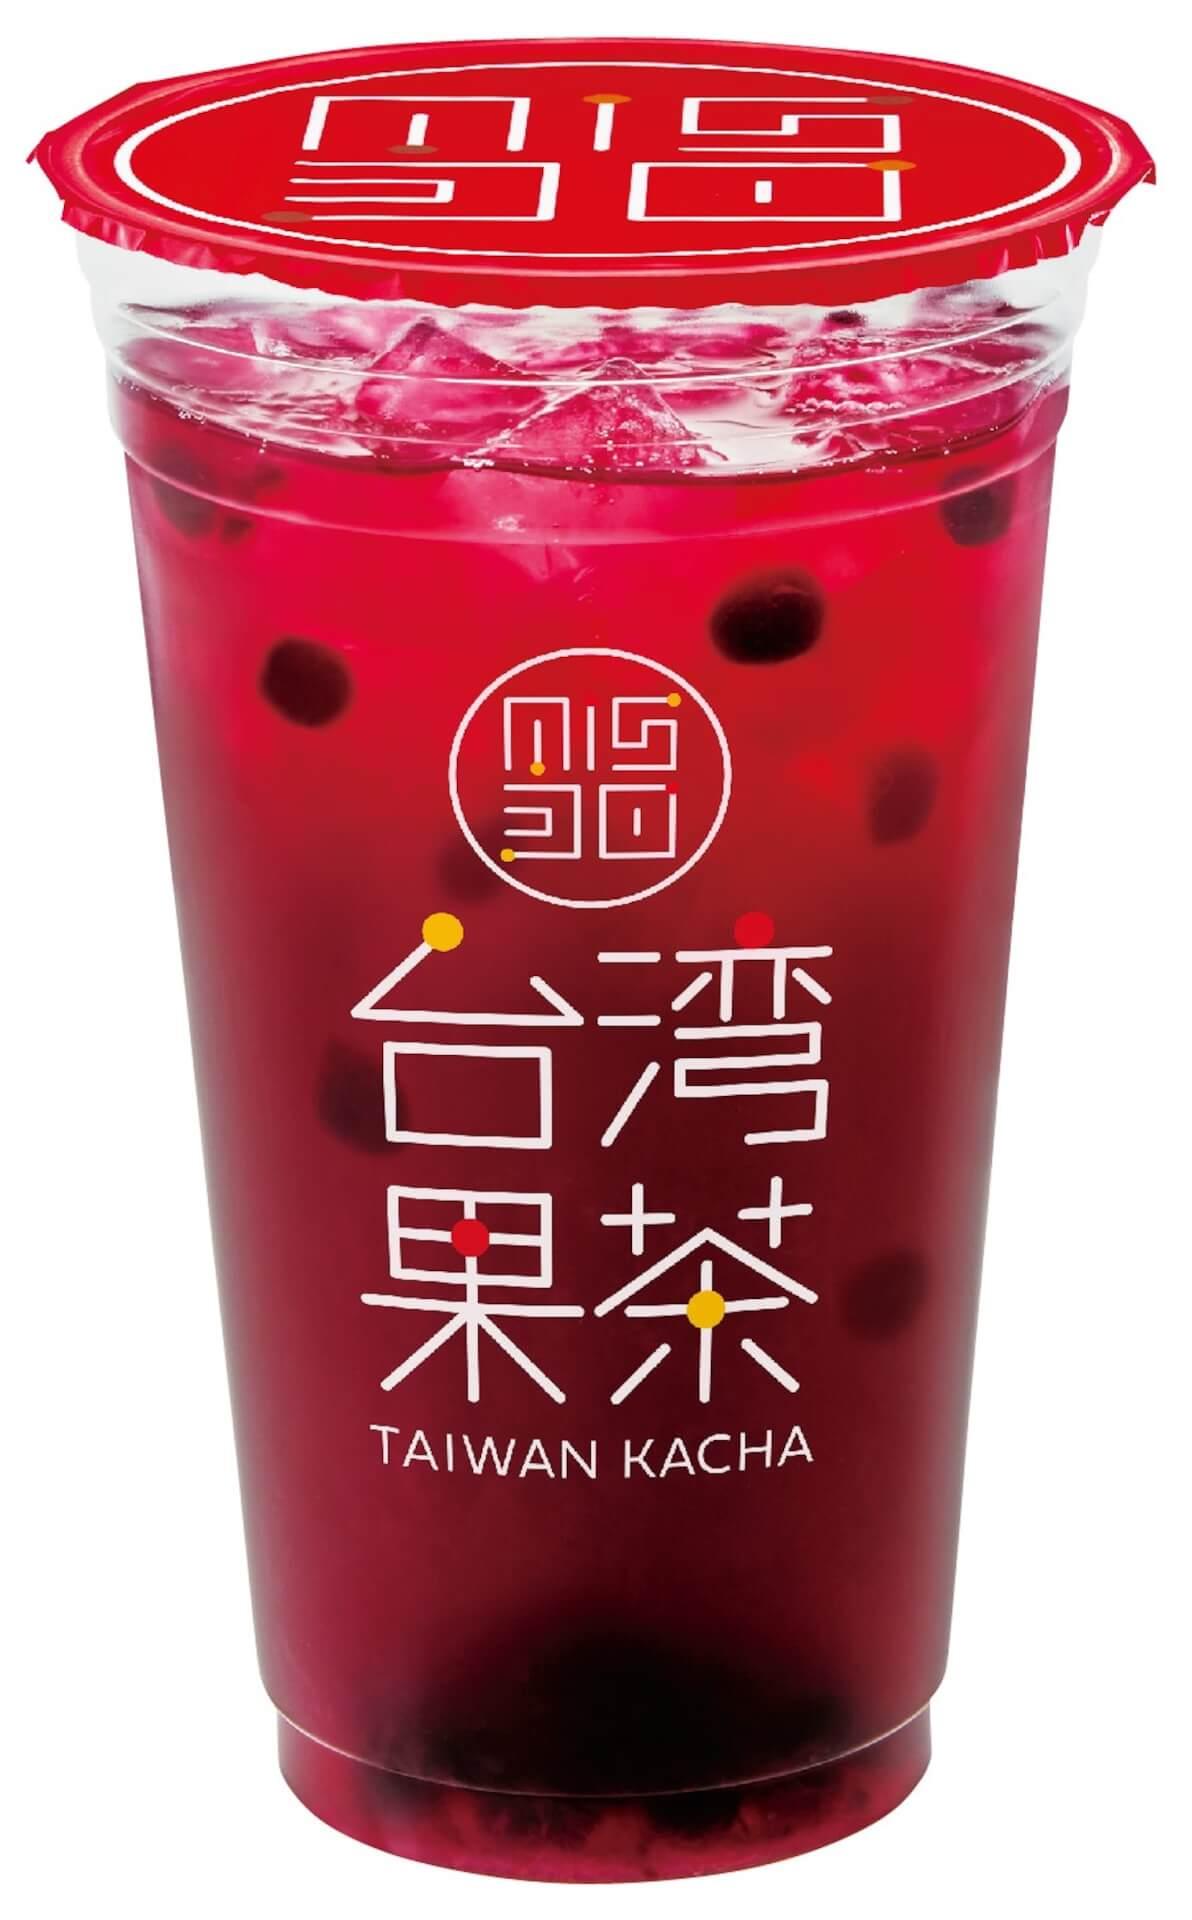 """ミスドから""""カチャカチャ""""振って飲むフルーツティ「台湾果茶」期間限定販売!ギフトチケット(ギフティ)1,000円分がもらえるキャンペーンも実施 gourmet210423_misterdonut-210423_5"""